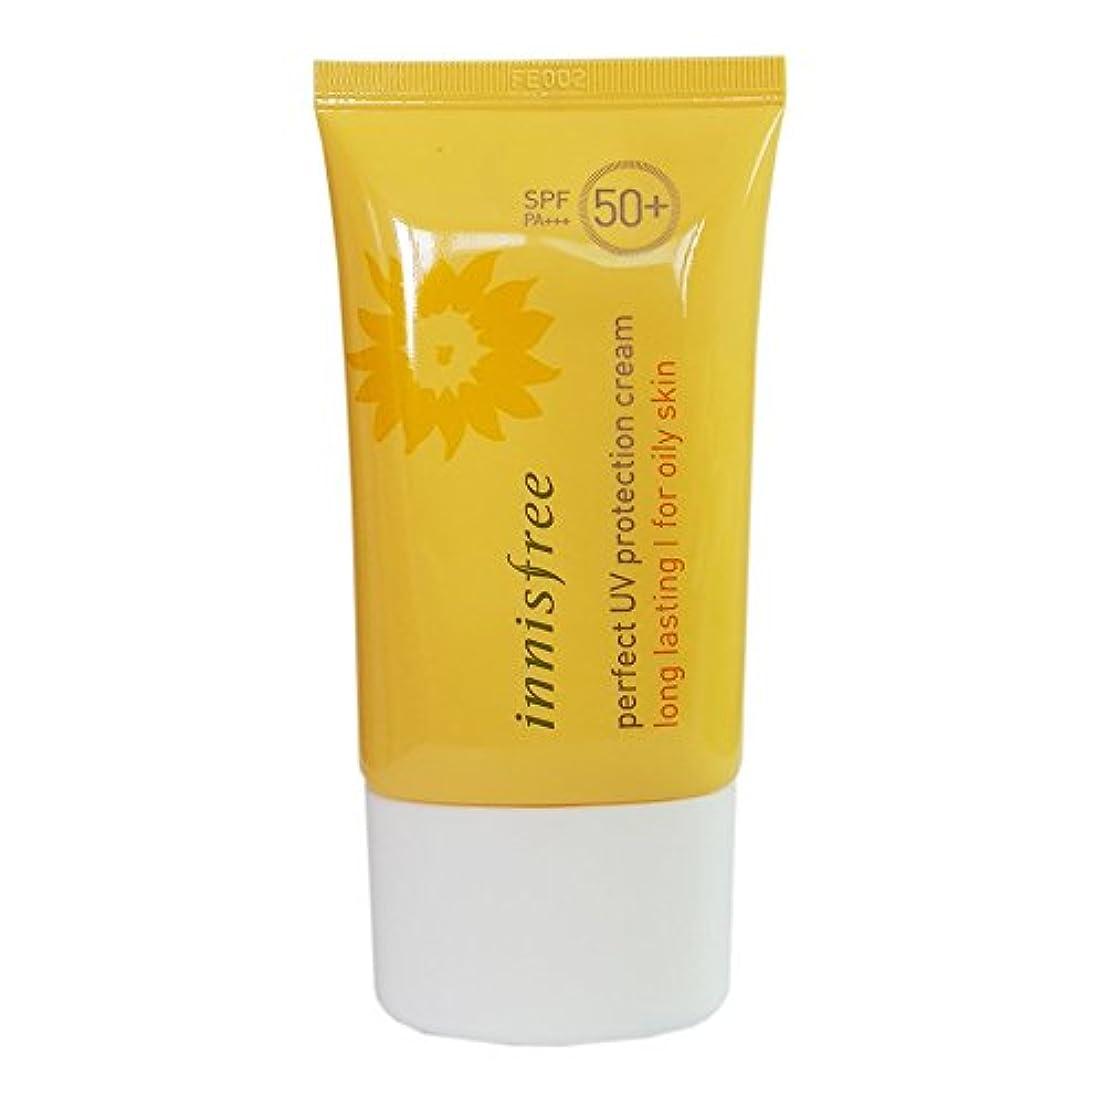 爆発する仕様スポット[イニスプリー]Innisfree パーフェクトUVプロテクションクリームロング?ラスティング 脂複合性肌用 SPF50+PA+++ 50ml Innisfree Perfect UV Protection Cream Long Lasting For Oily skin SPF50+PA+++ 50ml [海外直送品]